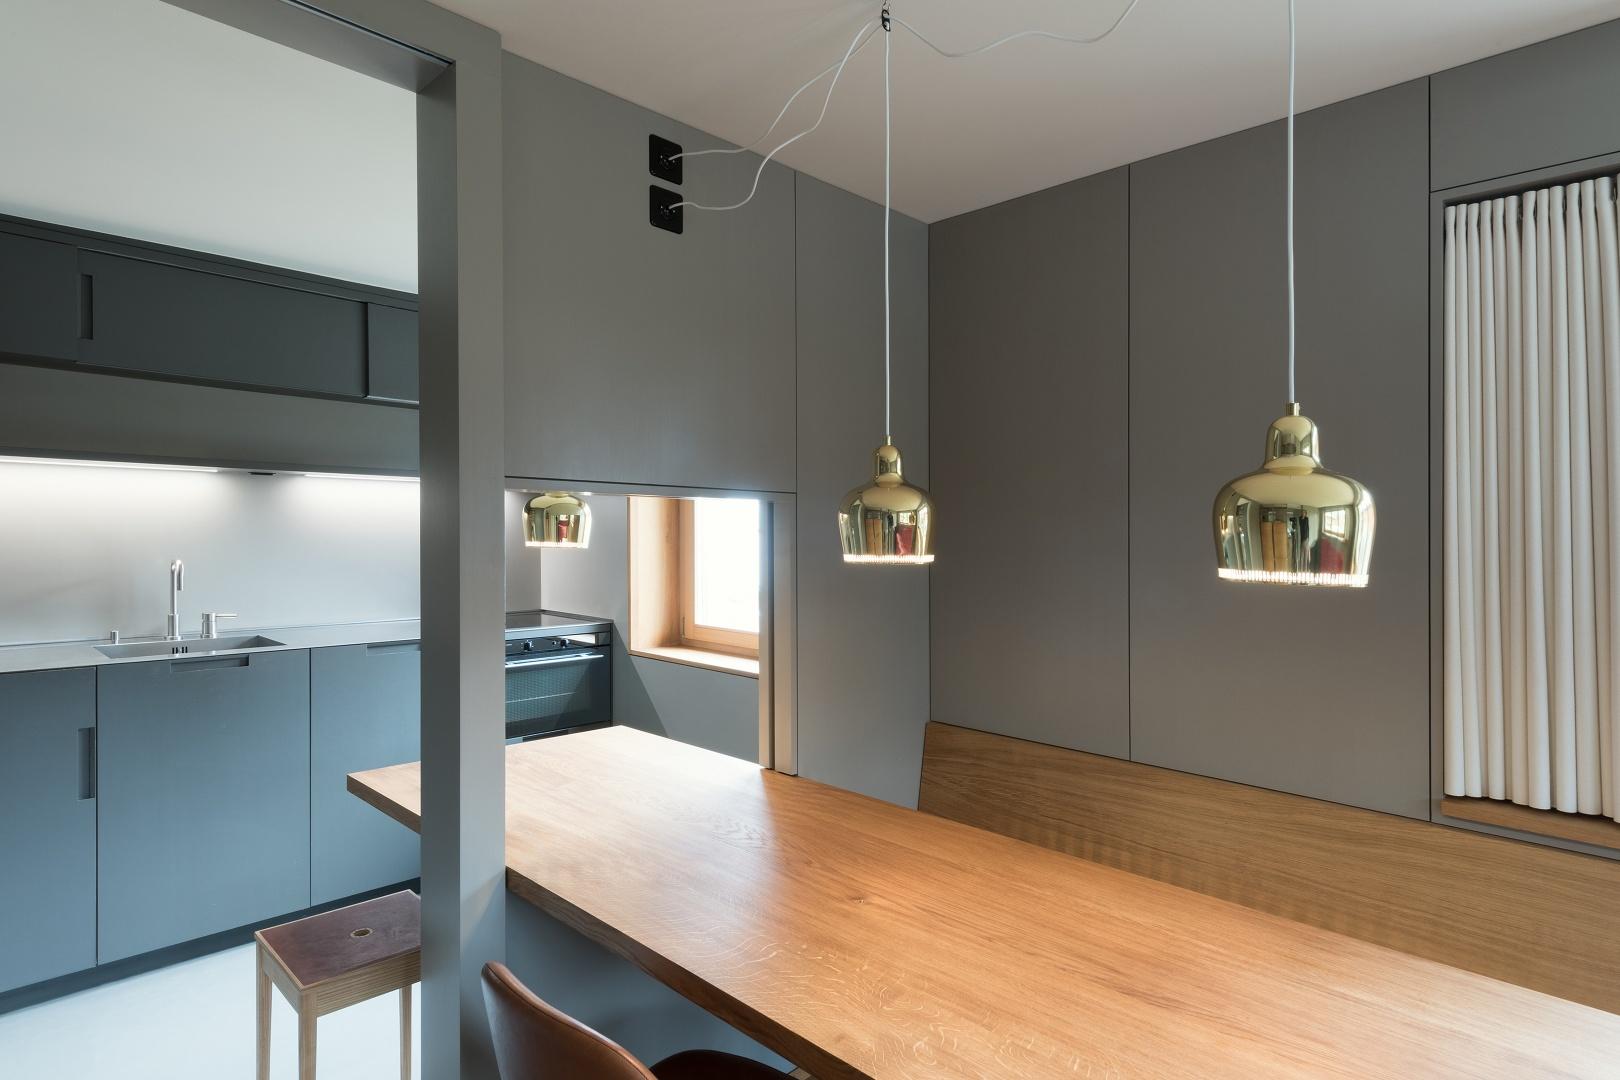 Umbau Ferienwohnung Architekturprojekte Baudokumentation Ch